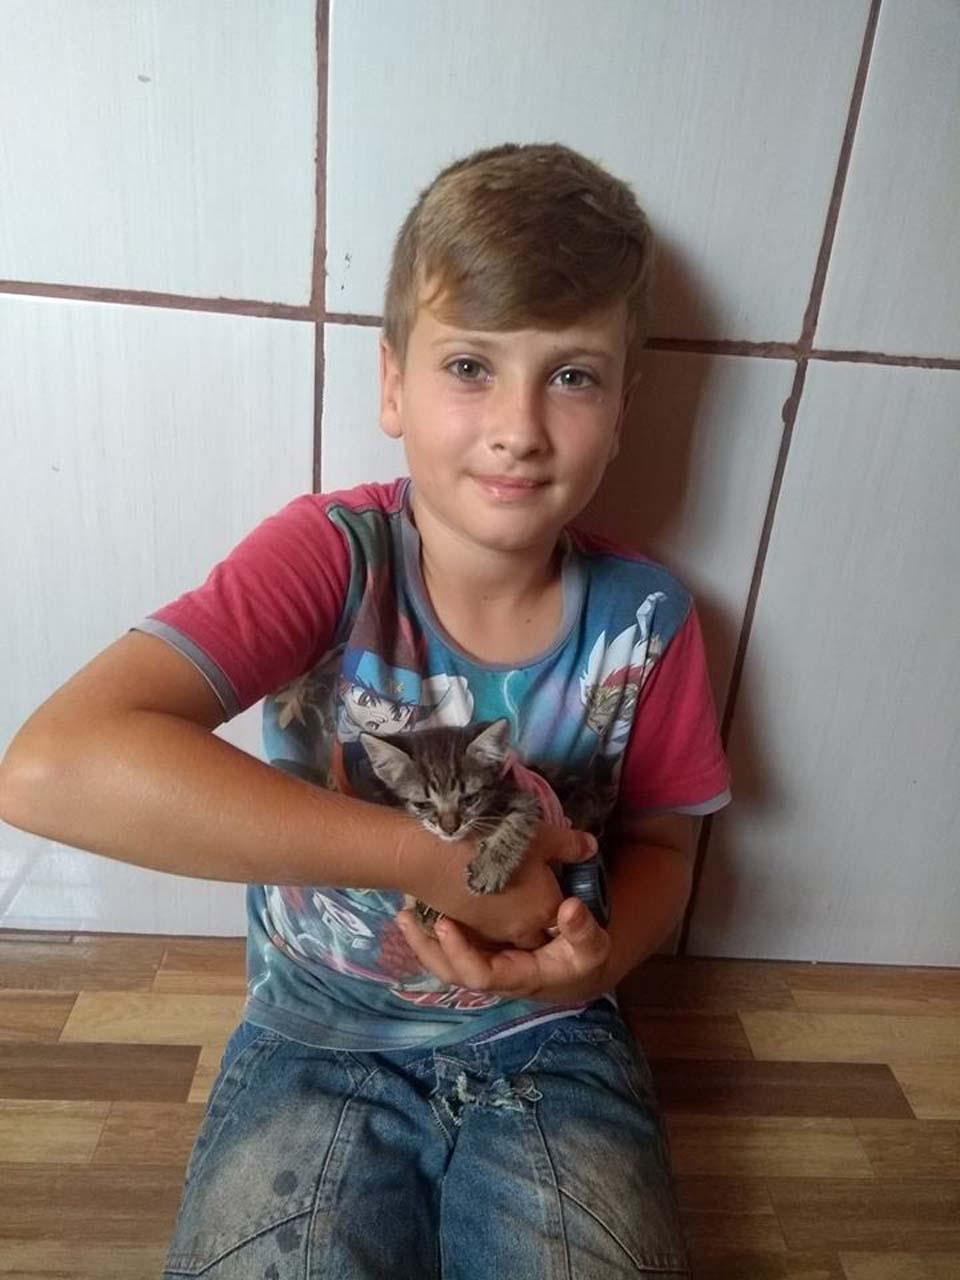 João y la gatita